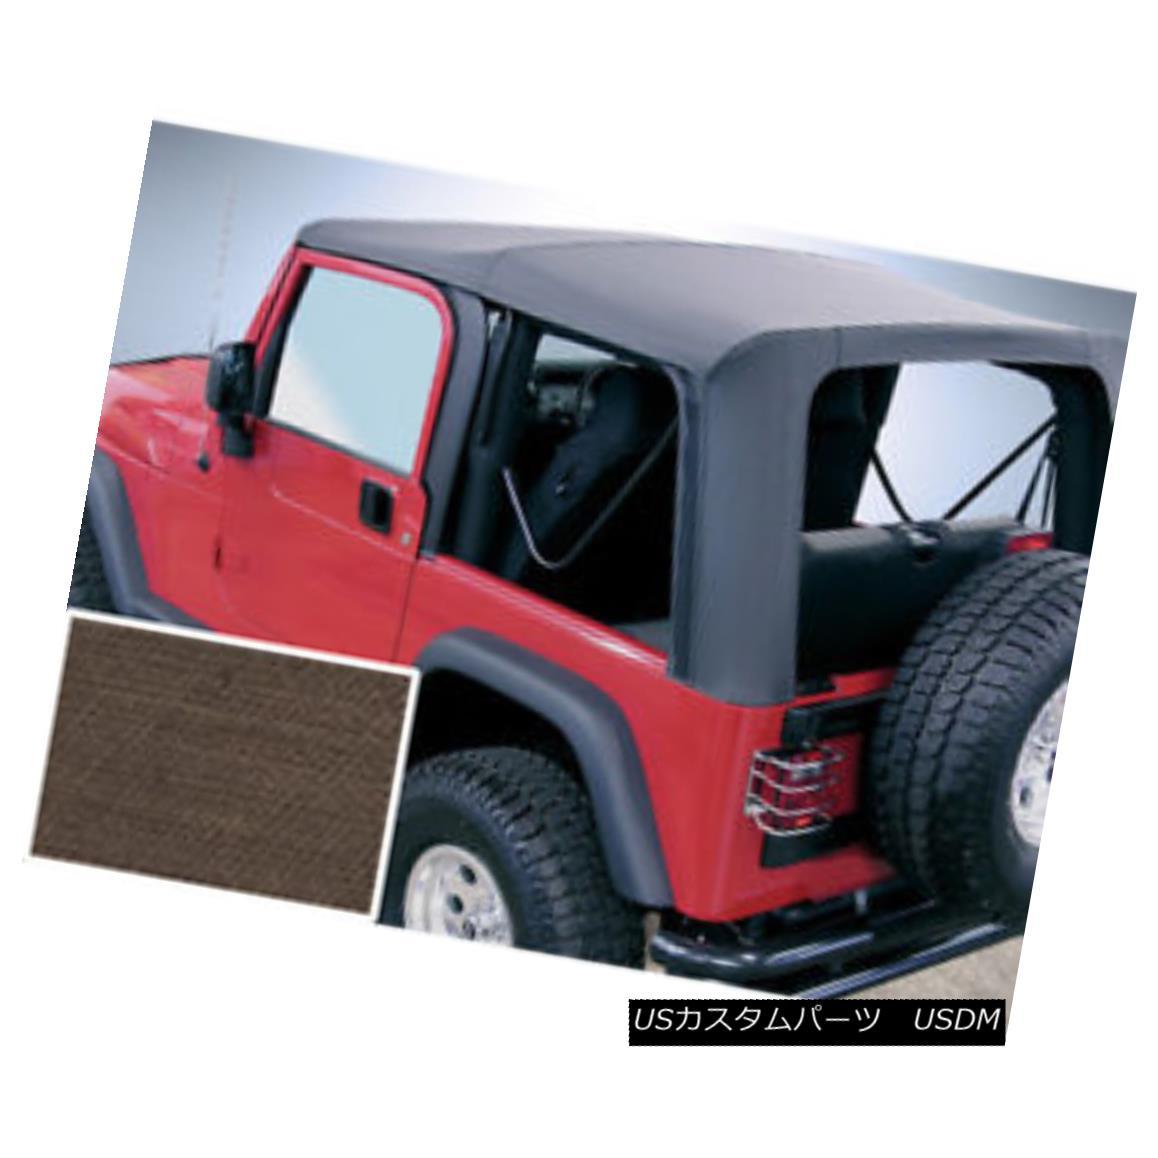 幌・ソフトトップ Rugged Ridge 13709.36 Soft Top Khaki Clear Windows 03-06 Jeep Wrangler Rugged Ridge 13709.36ソフトトップカーキクリアウィンドウ03-06ジープラングラー